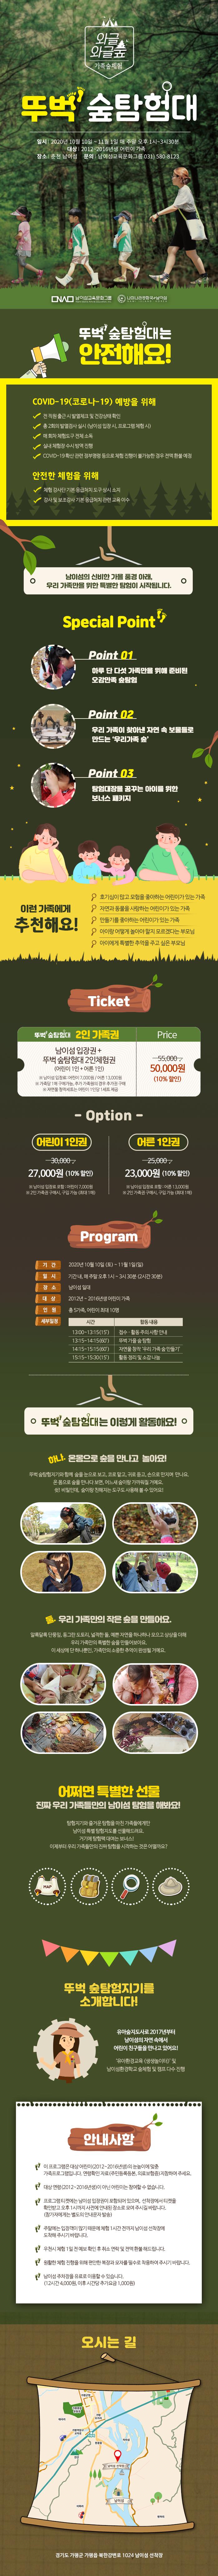 ★2020_웹프로모션_뚜벅숲탐험대_20200903_대상수정.jpg